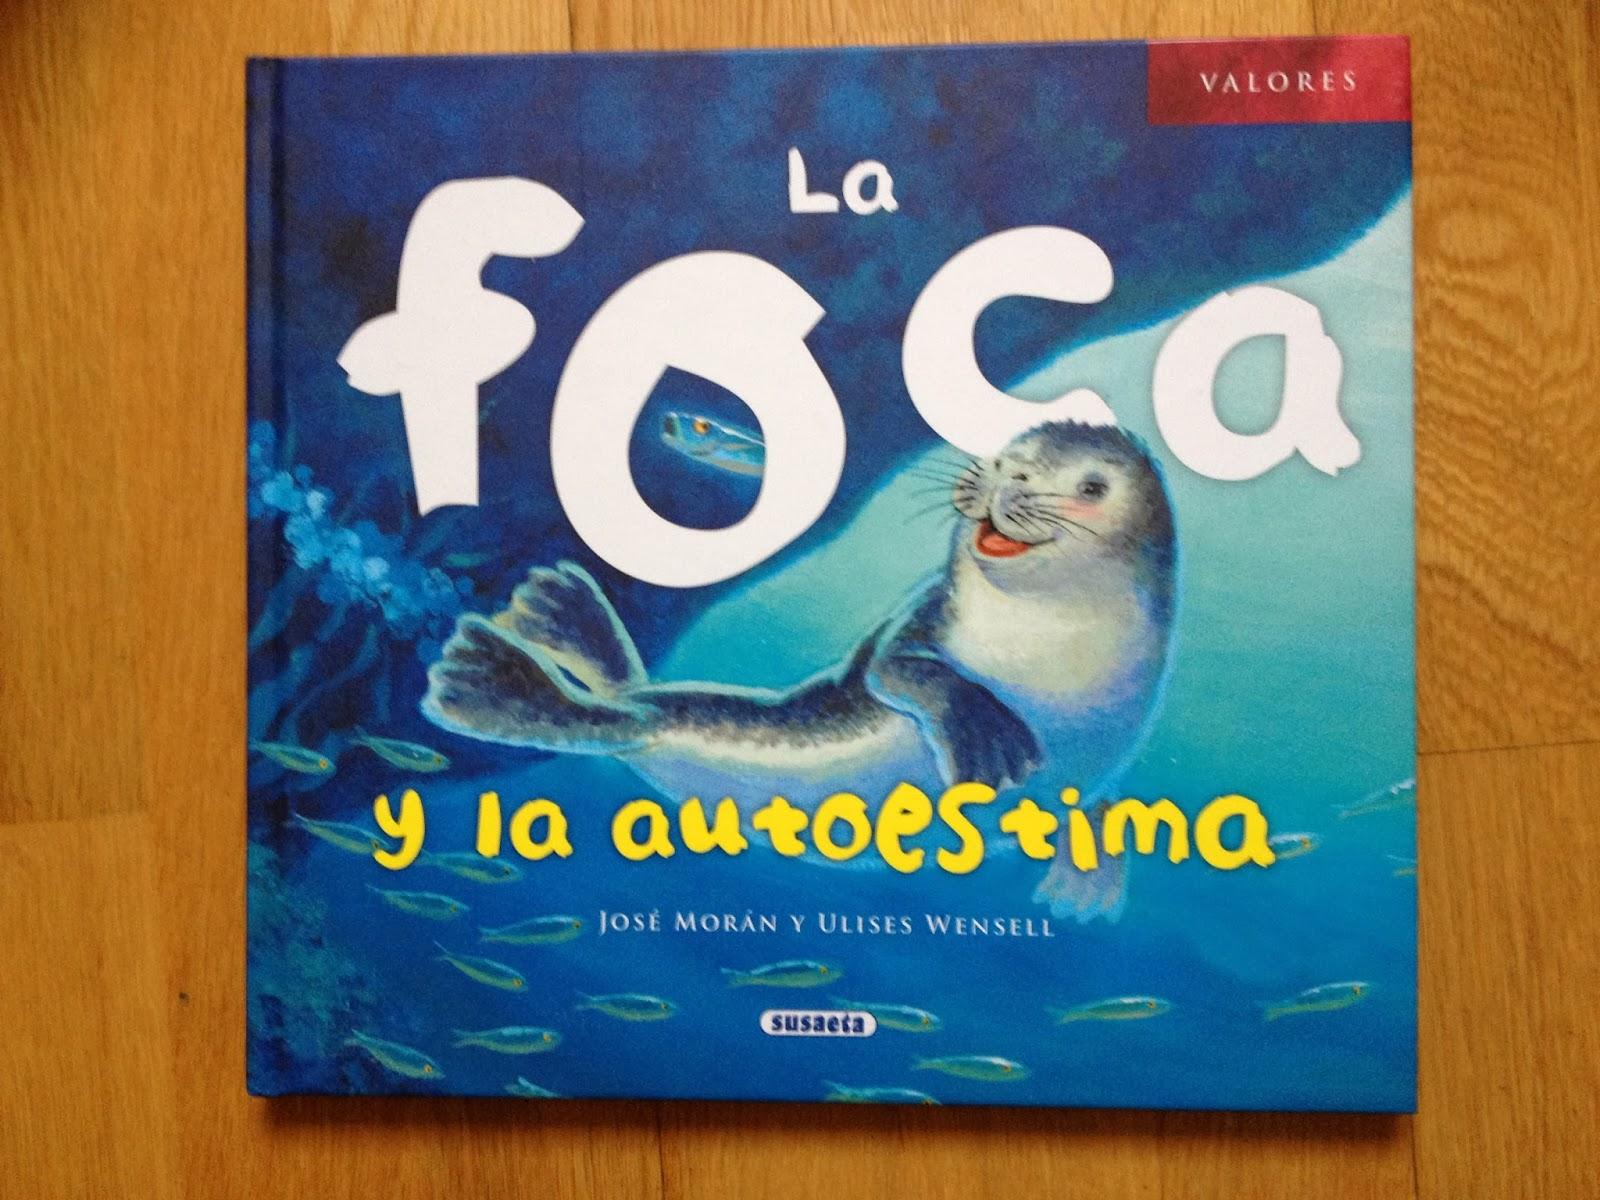 Asturias con niños, a dónde vamos hoy? a leer la foca y la autoestima